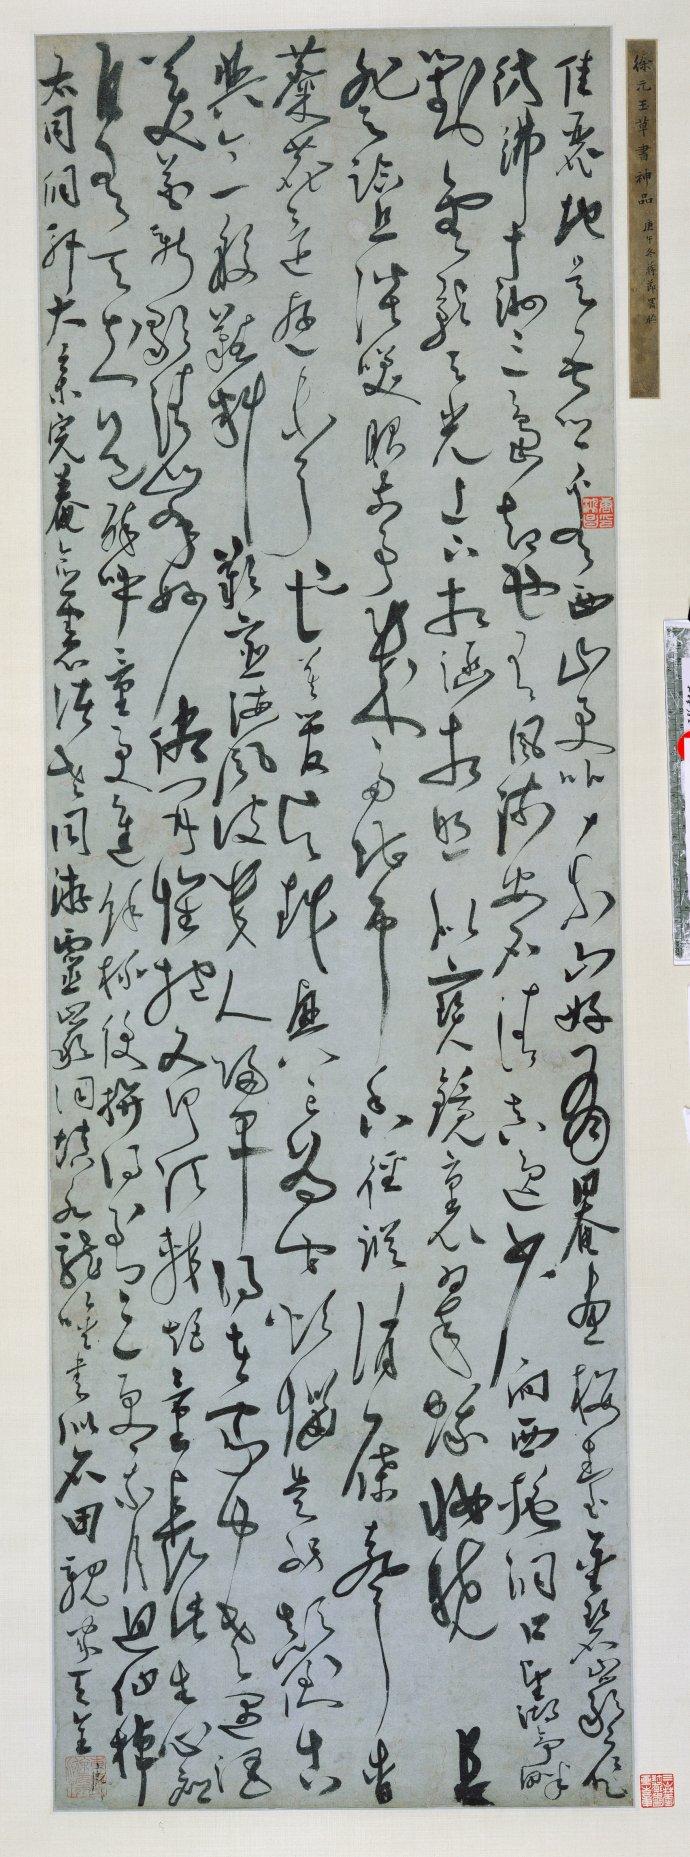 圖1,徐有貞《水龍吟·游靈岩洞》,近墨堂書法研究基金會藏